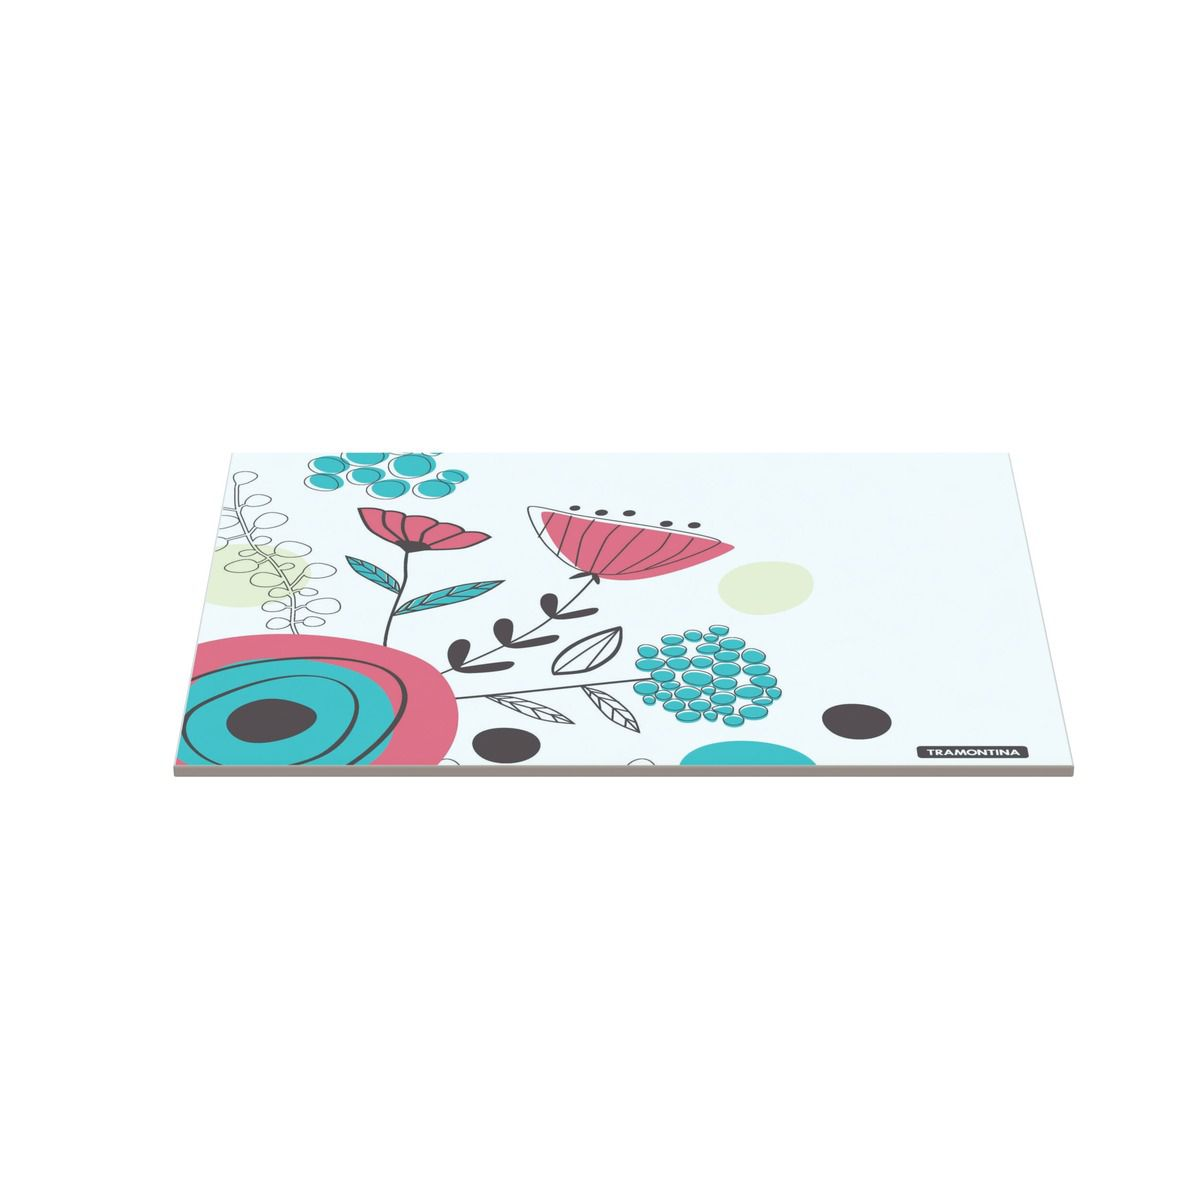 Tábua Tramontina Retangular em Vidro Branco com Estampa Floral 25x35 cm 10399/003 | Lojas Estrela